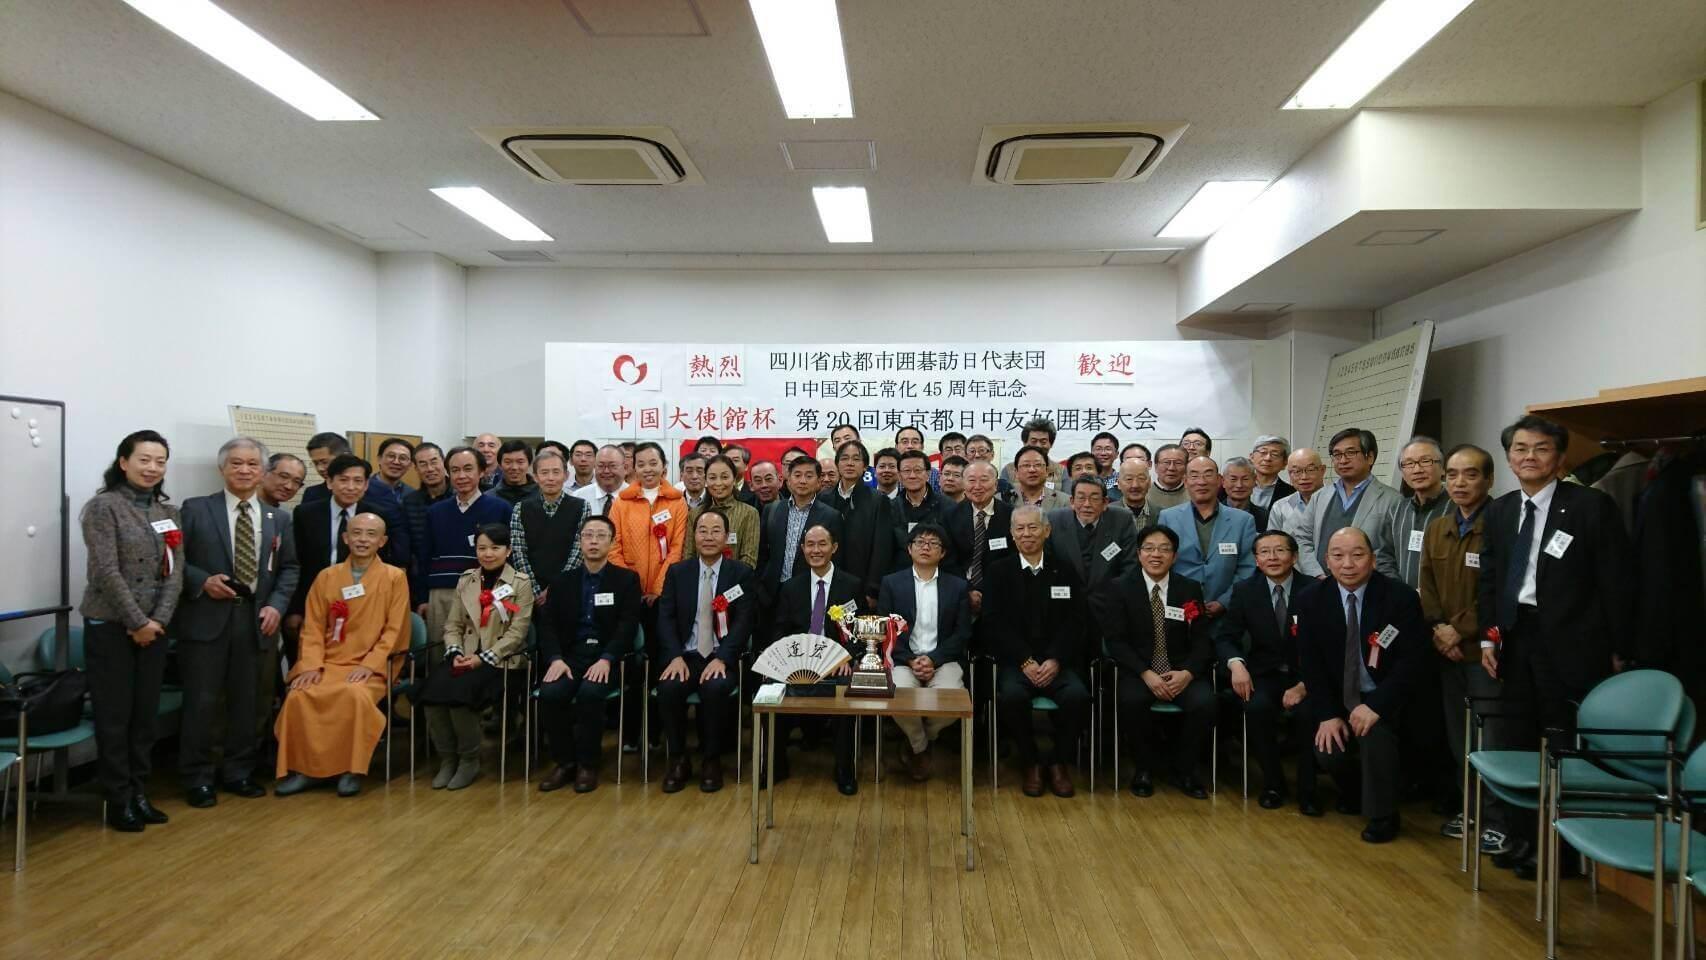 中国大使館杯第20回東京都日中友好 囲碁大会を開催